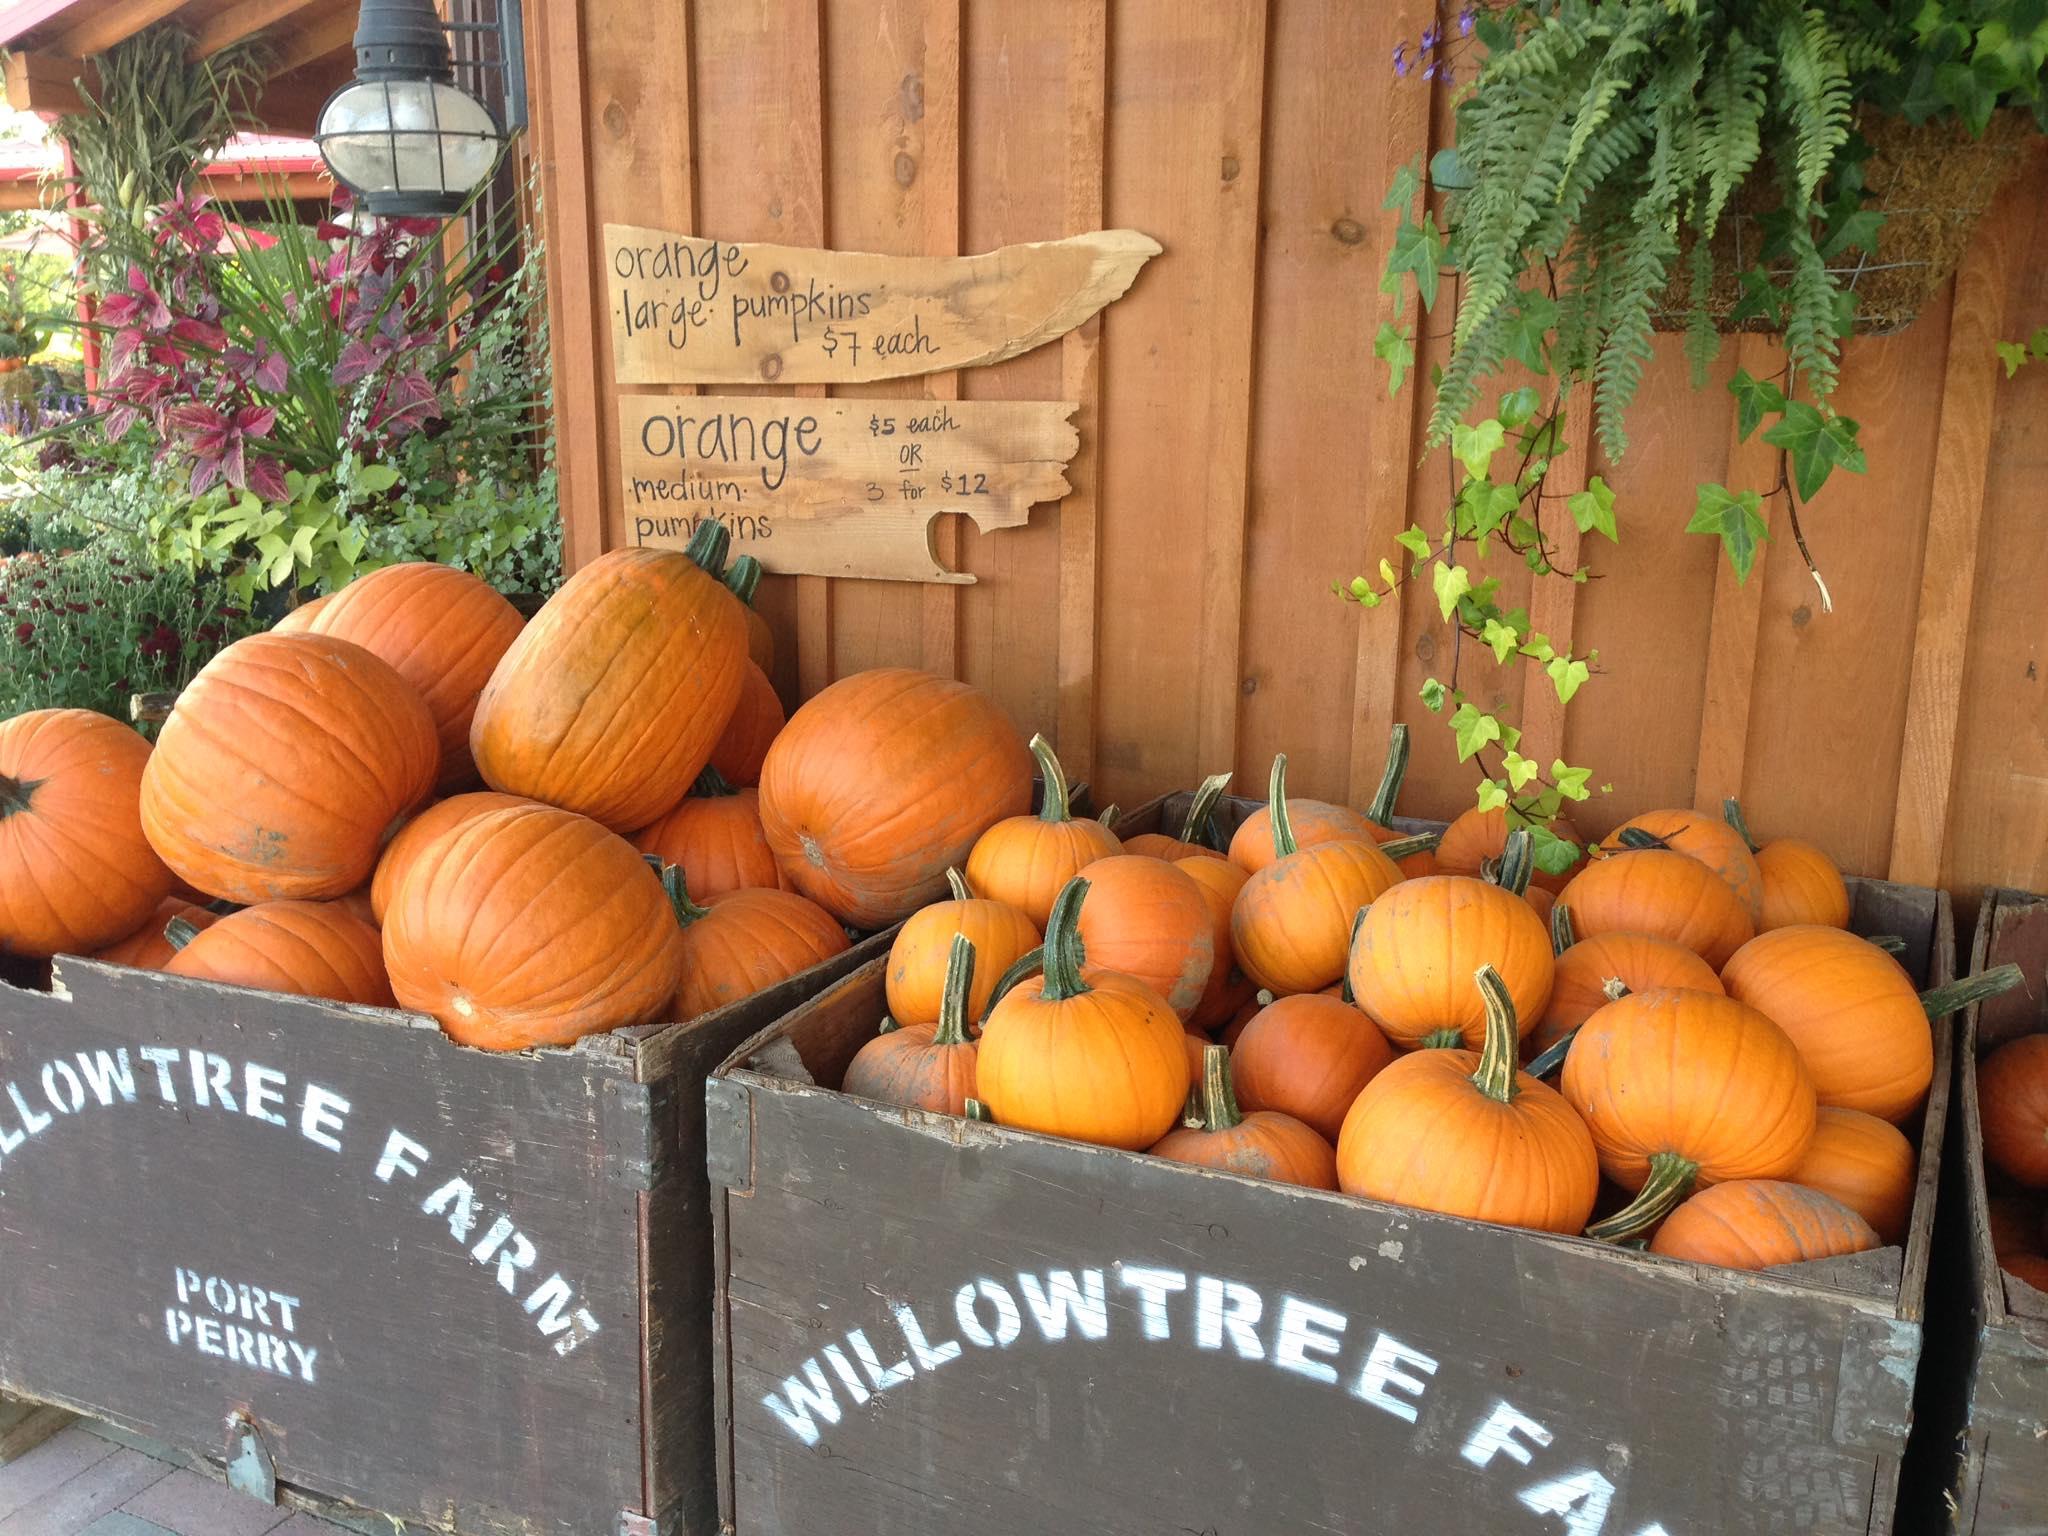 Willowtree farm CSA